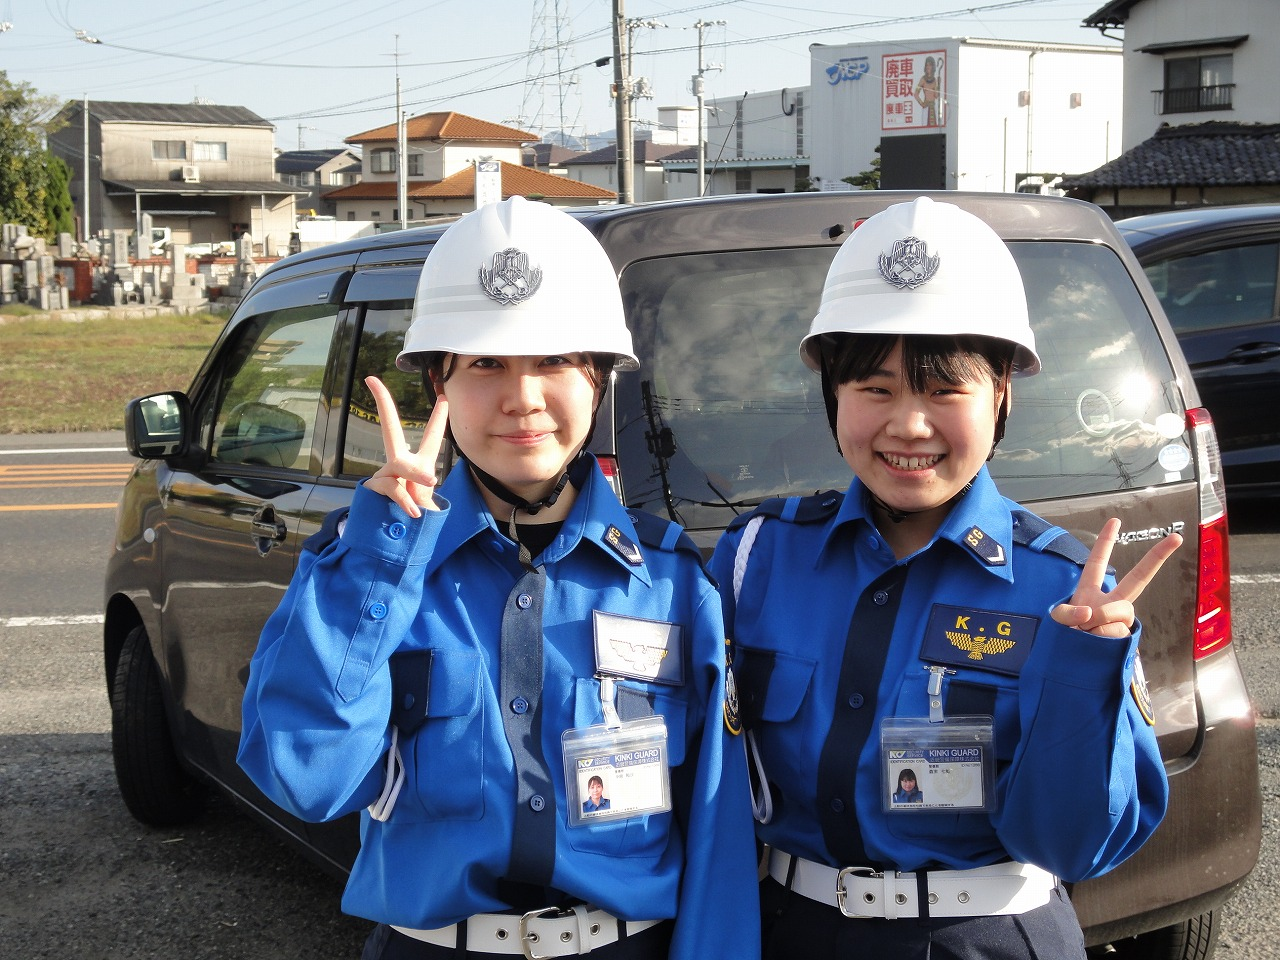 近畿警備保障株式会社 東区(岡山県)の求人画像